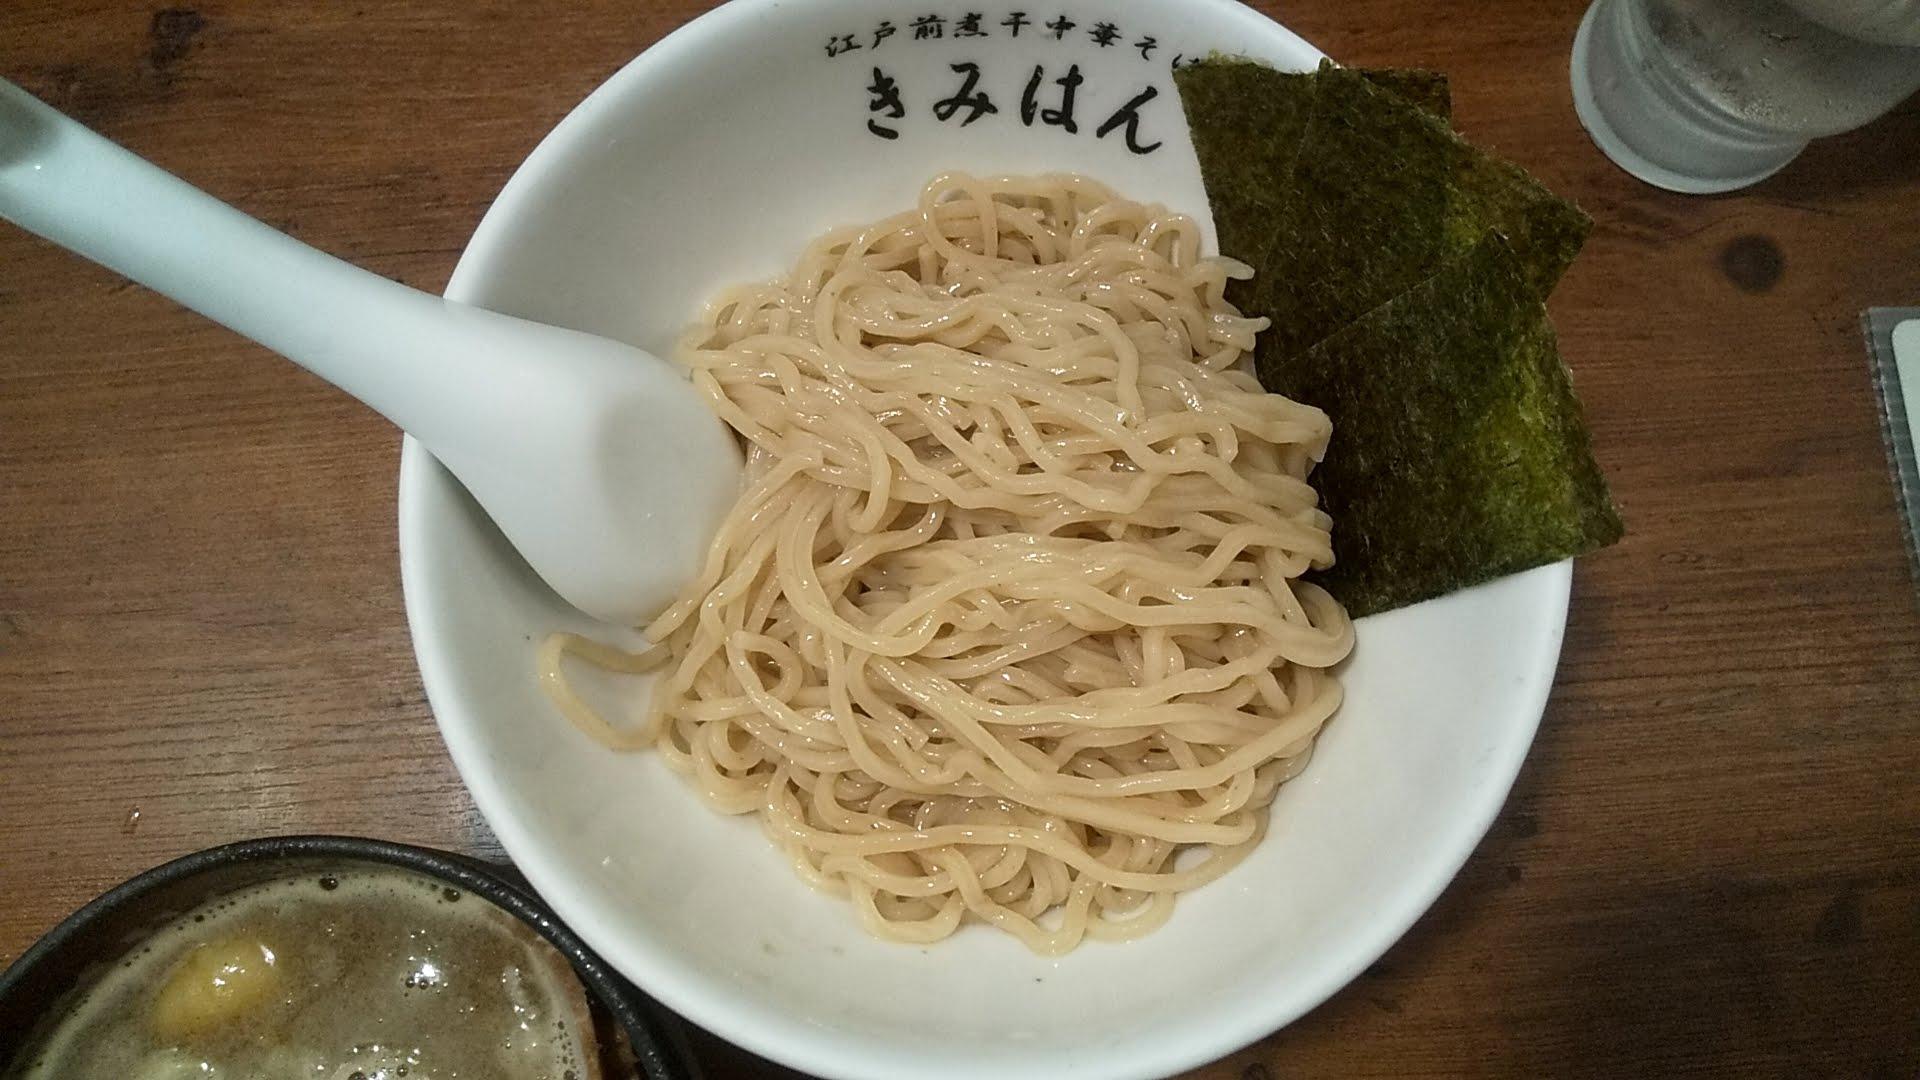 江戸前煮干し中華そばきみはん総本店の梅香る特製煮干しつけ麺の麺皿